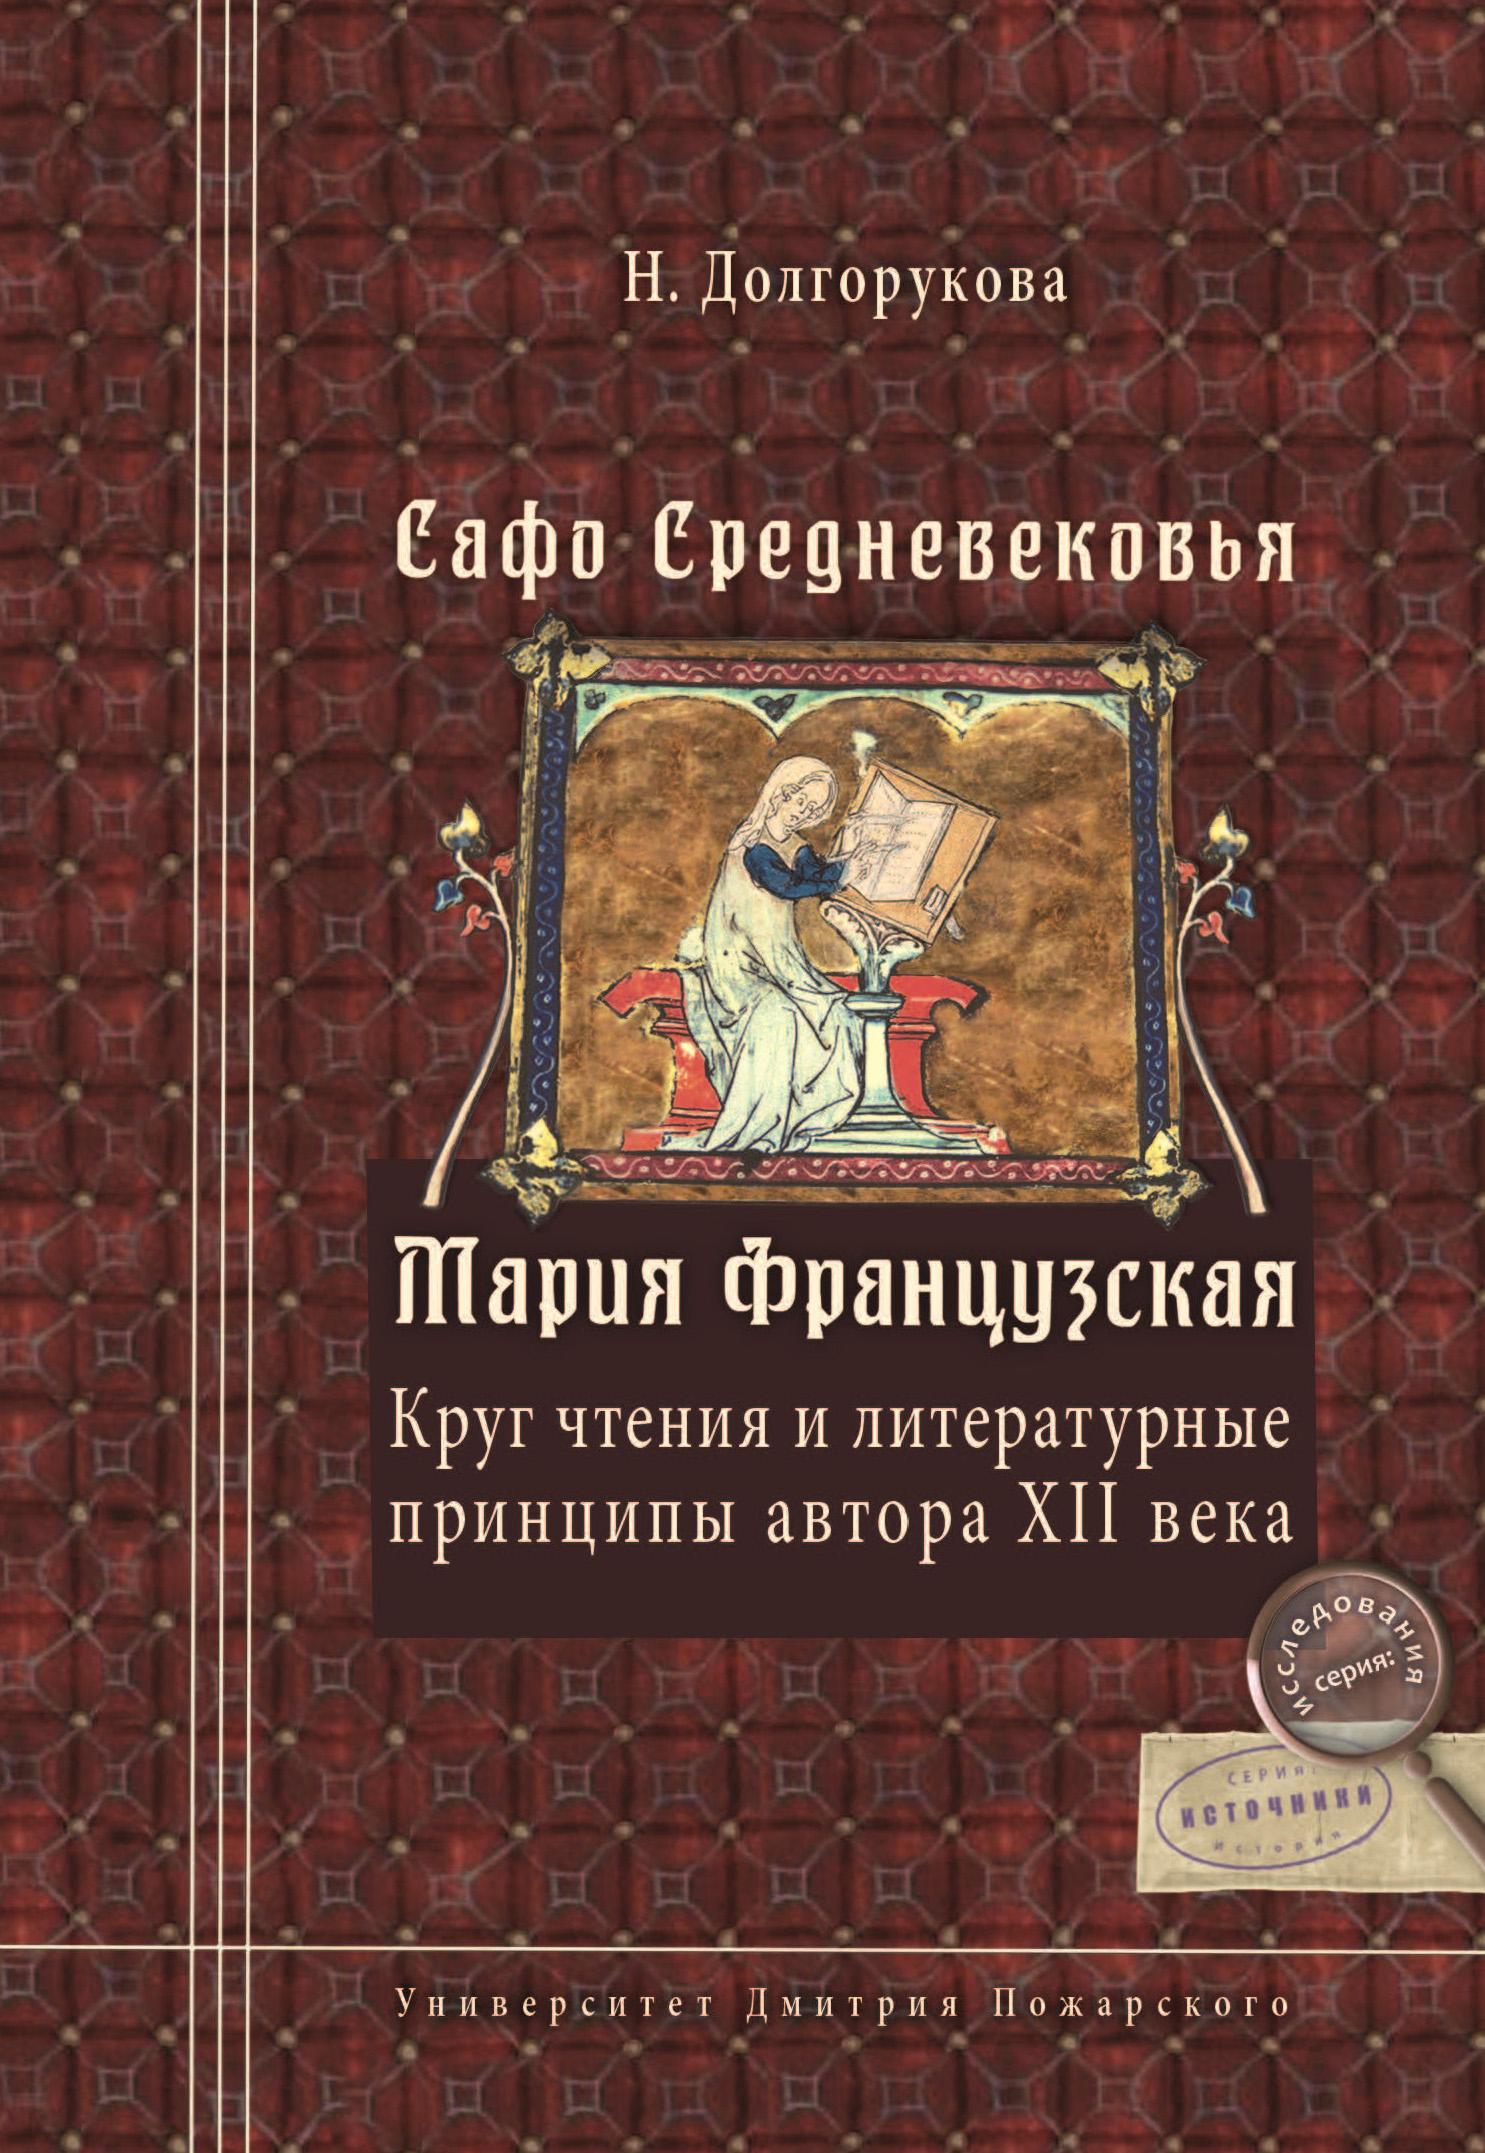 Сафо Средневековья. Мария Французская. Круг чтения и литературные принципы автора XII века